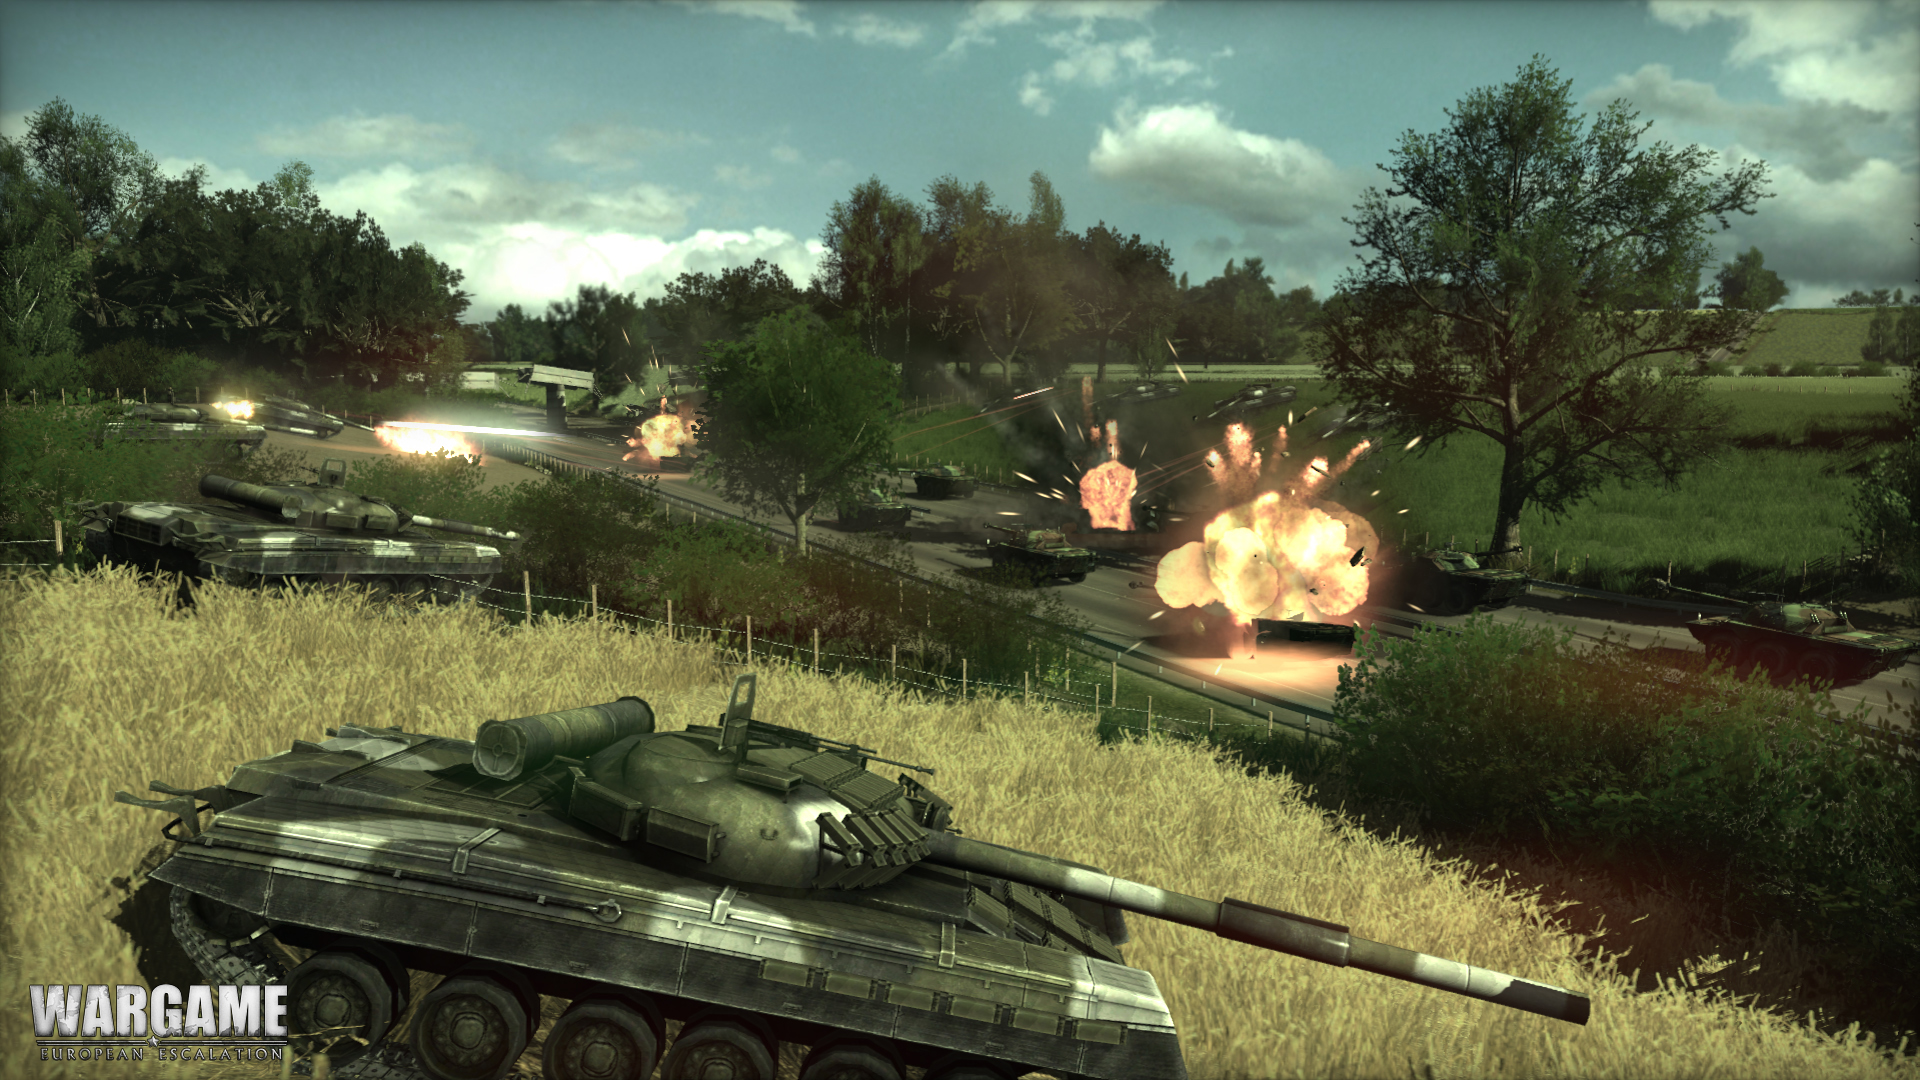 Wargame: Multiplayer Escalation